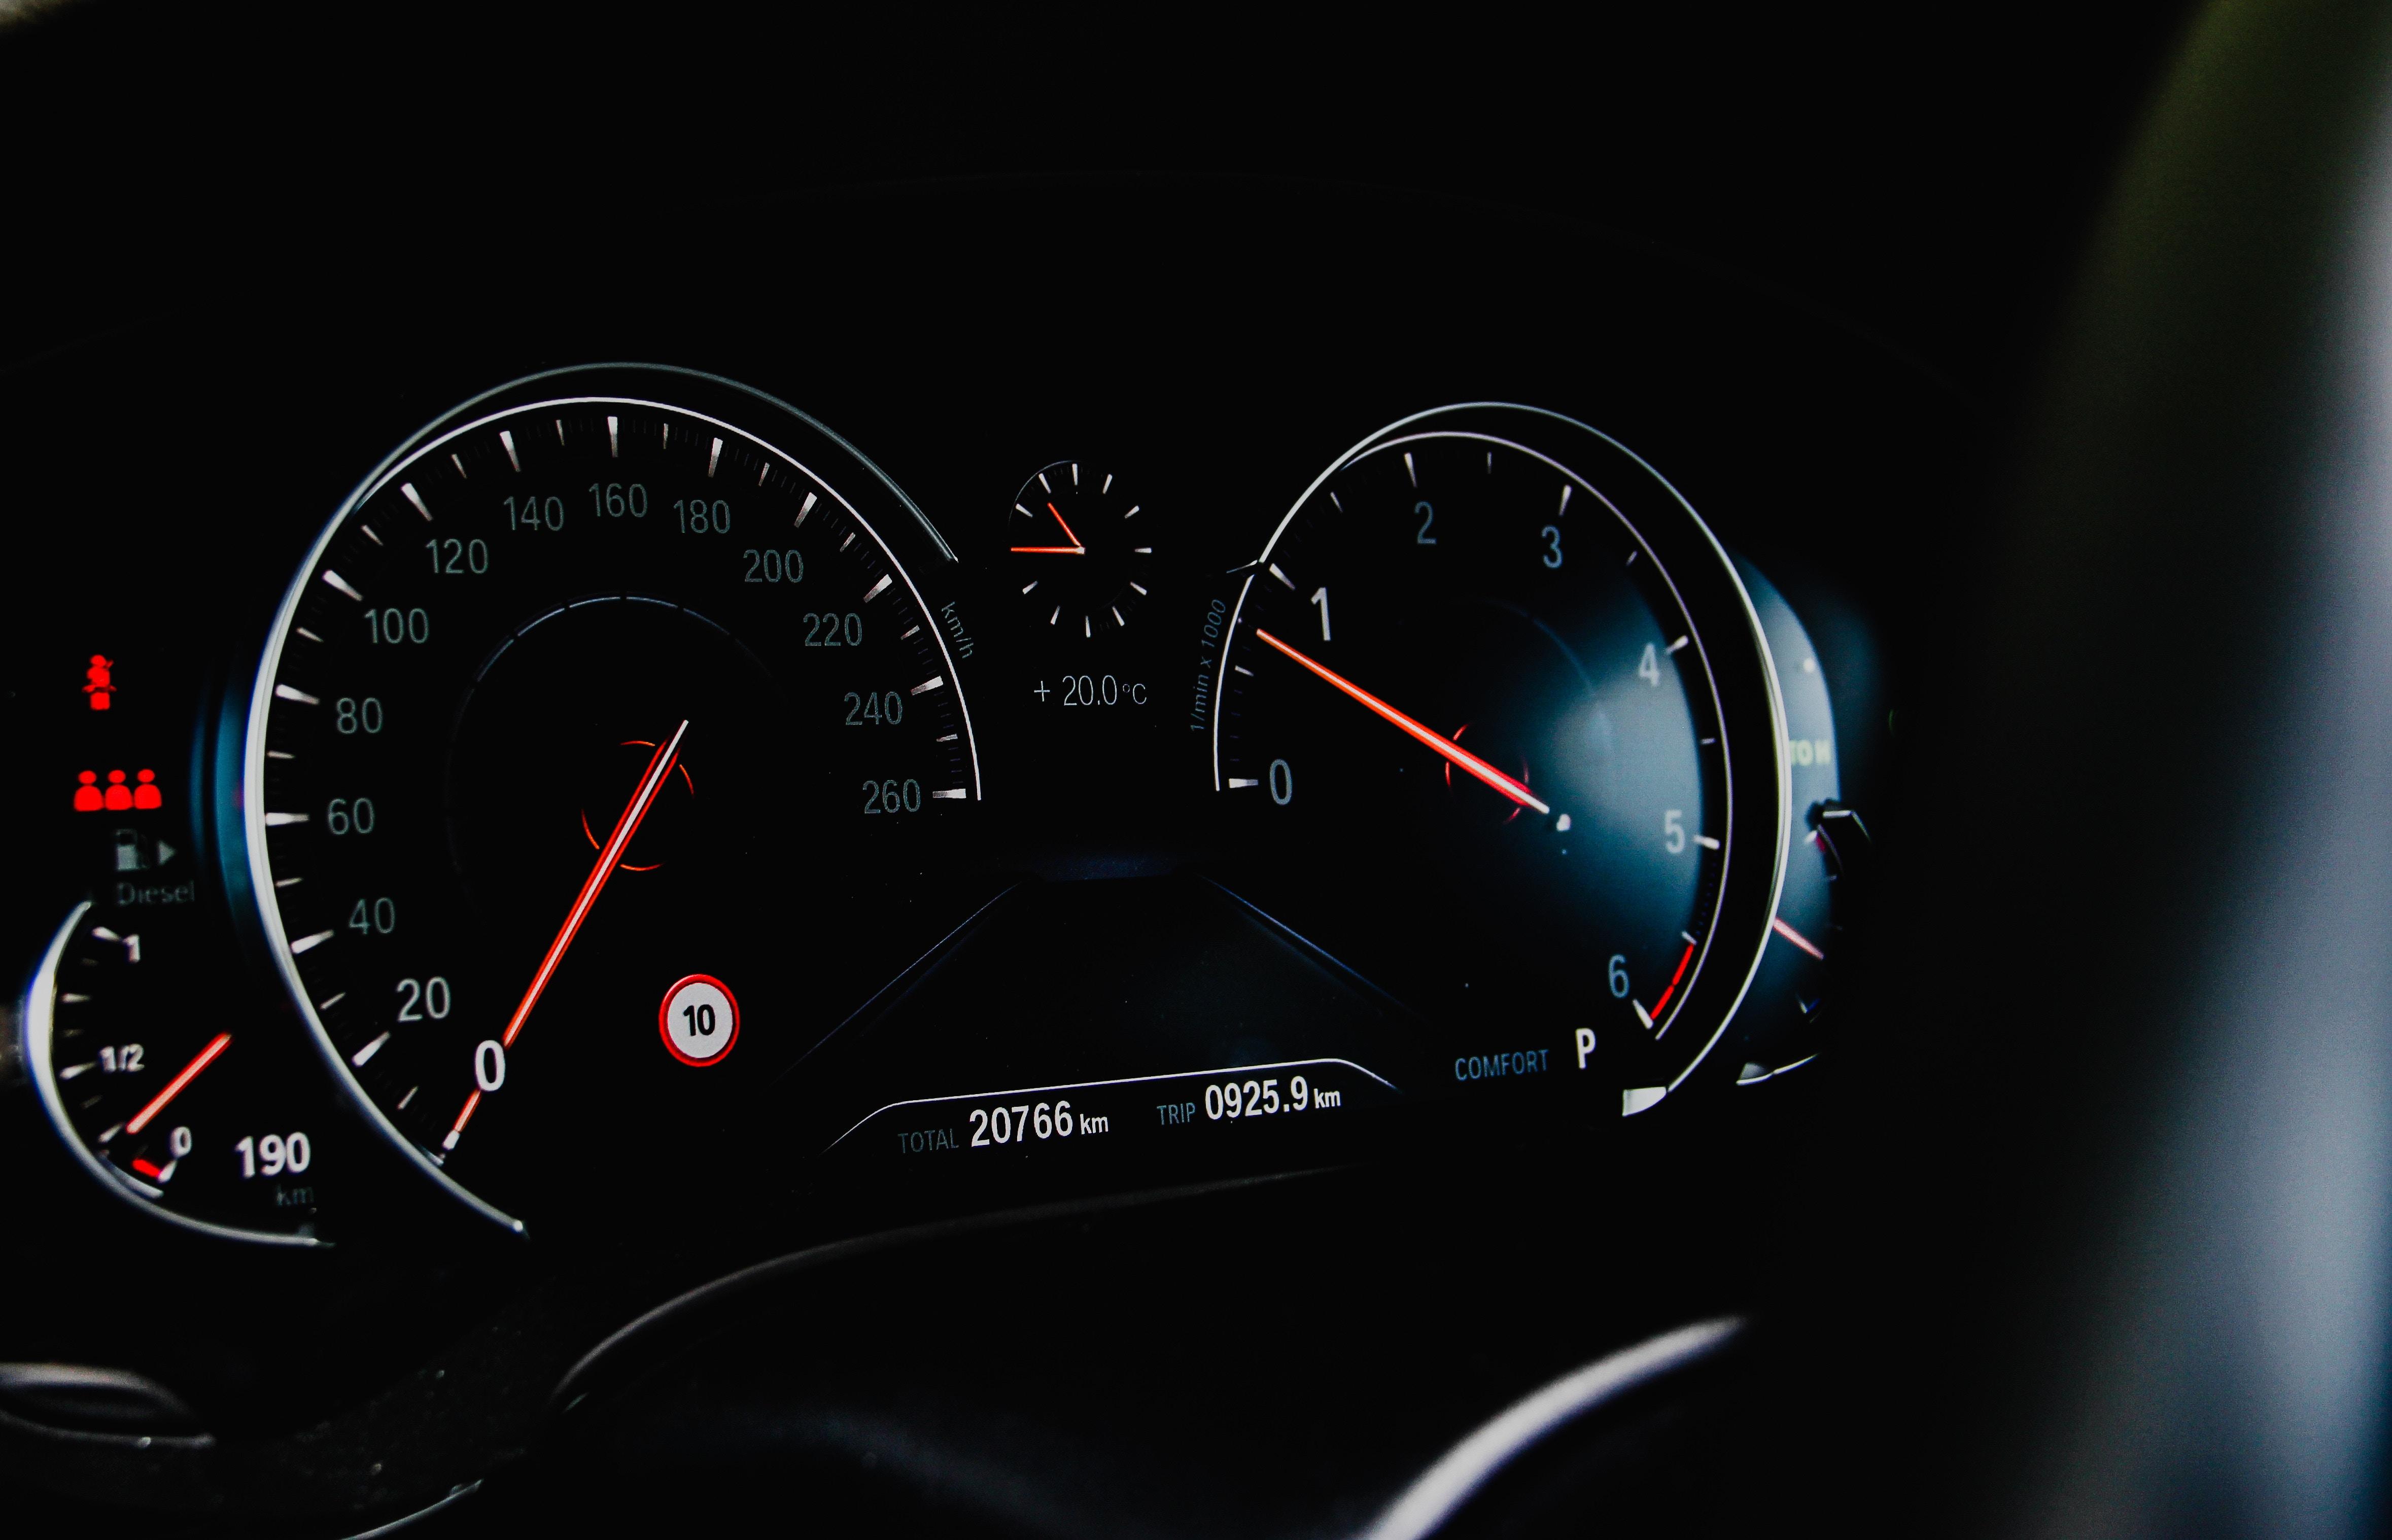 57556壁紙のダウンロードカール, スピードメーター, 速度計, 速度, 矢印, 数字, 番号, 車-スクリーンセーバーと写真を無料で